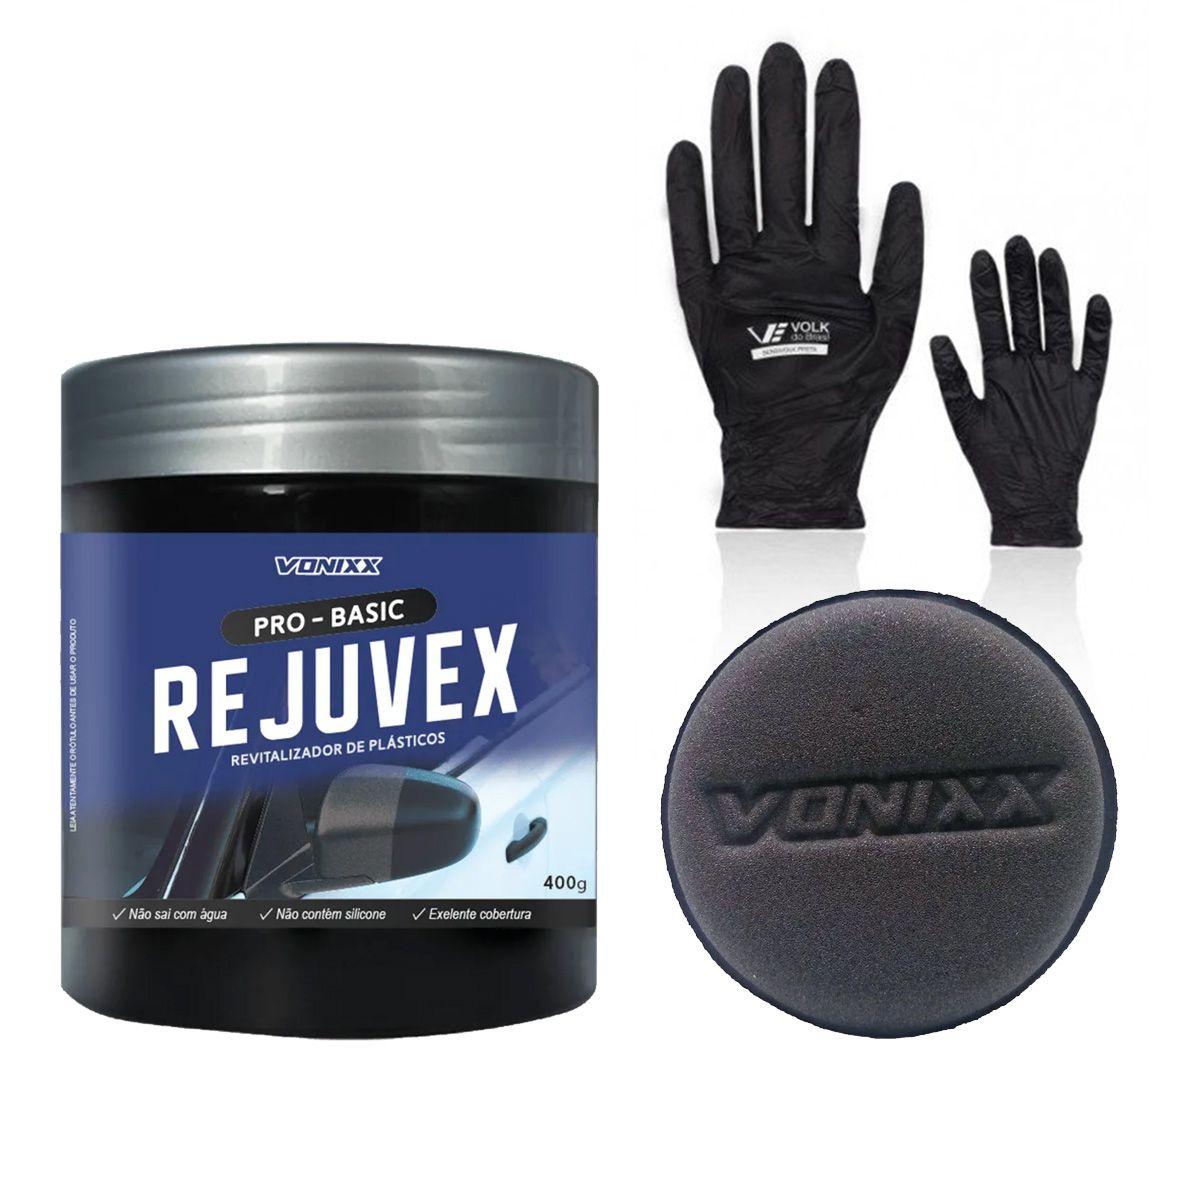 Kit Rejuvex + Espuma Aplicadora + Luva Sensivolk